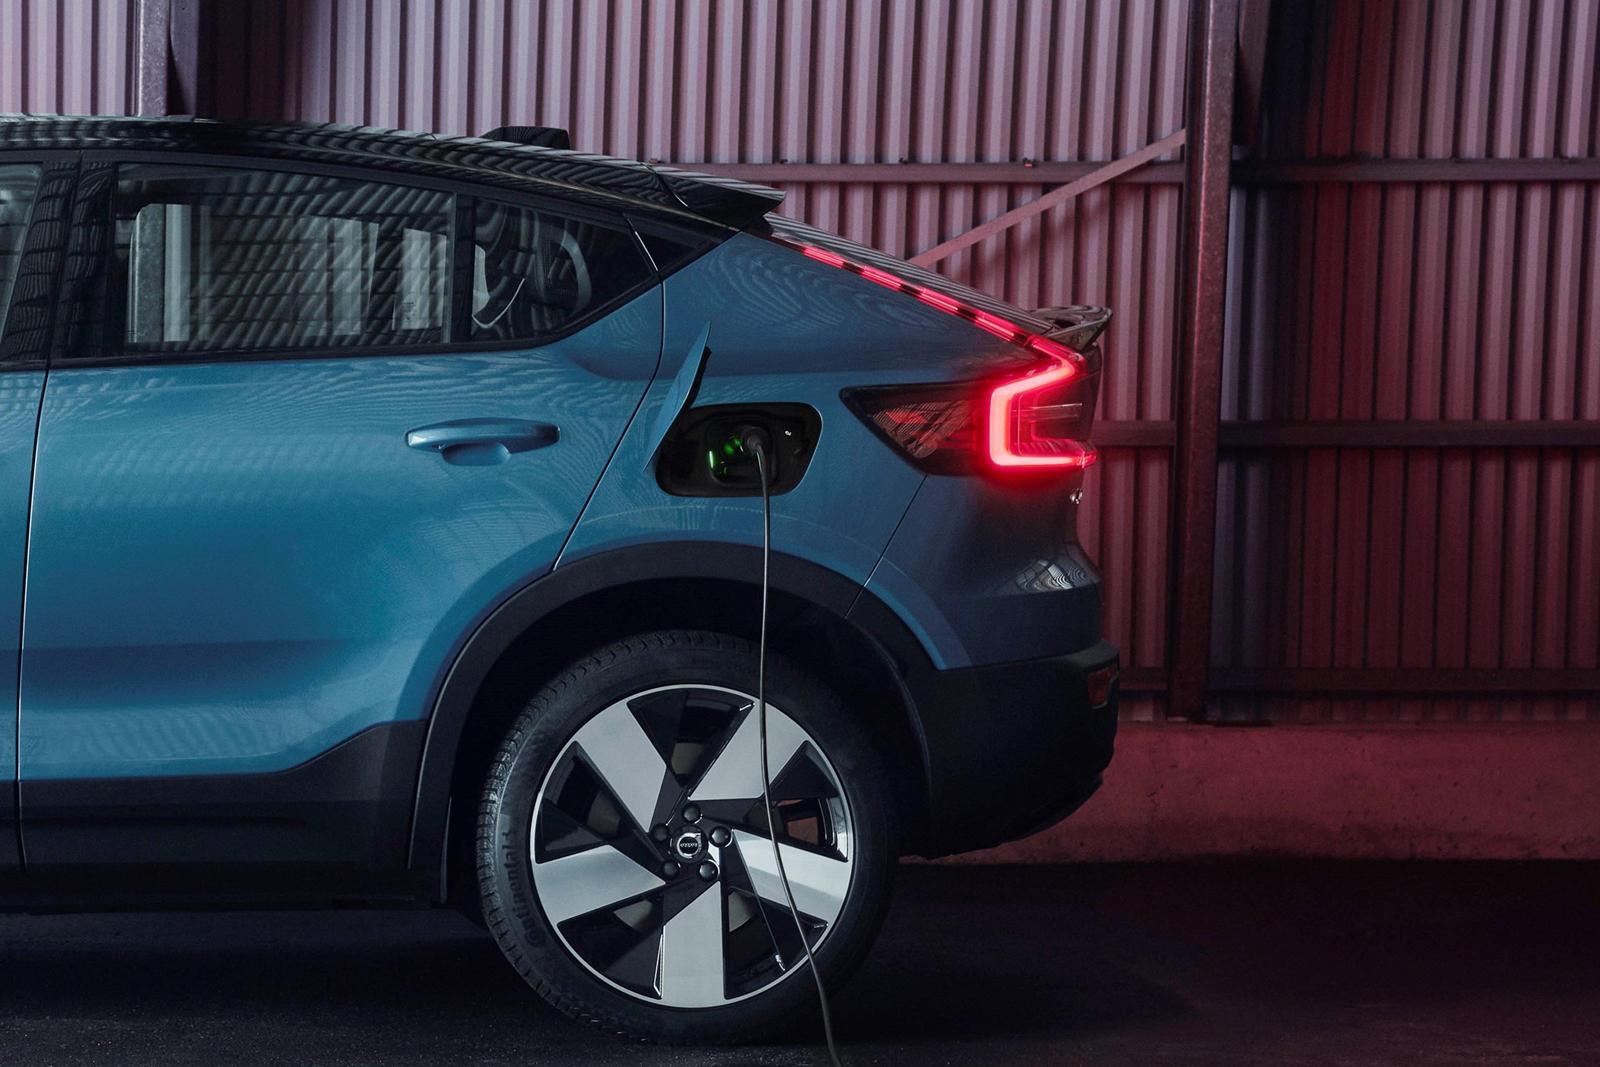 Внедорожник, стилизованный под купе, - не новая идея. BMW начал эту тенденцию в 2008 году с X6, автомобиля, который он назвал Sports Activity Coupe (SAV). Спустя более чем десятилетие несколько автопроизводителей, включая Audi, Infiniti, Mercedes-Ben